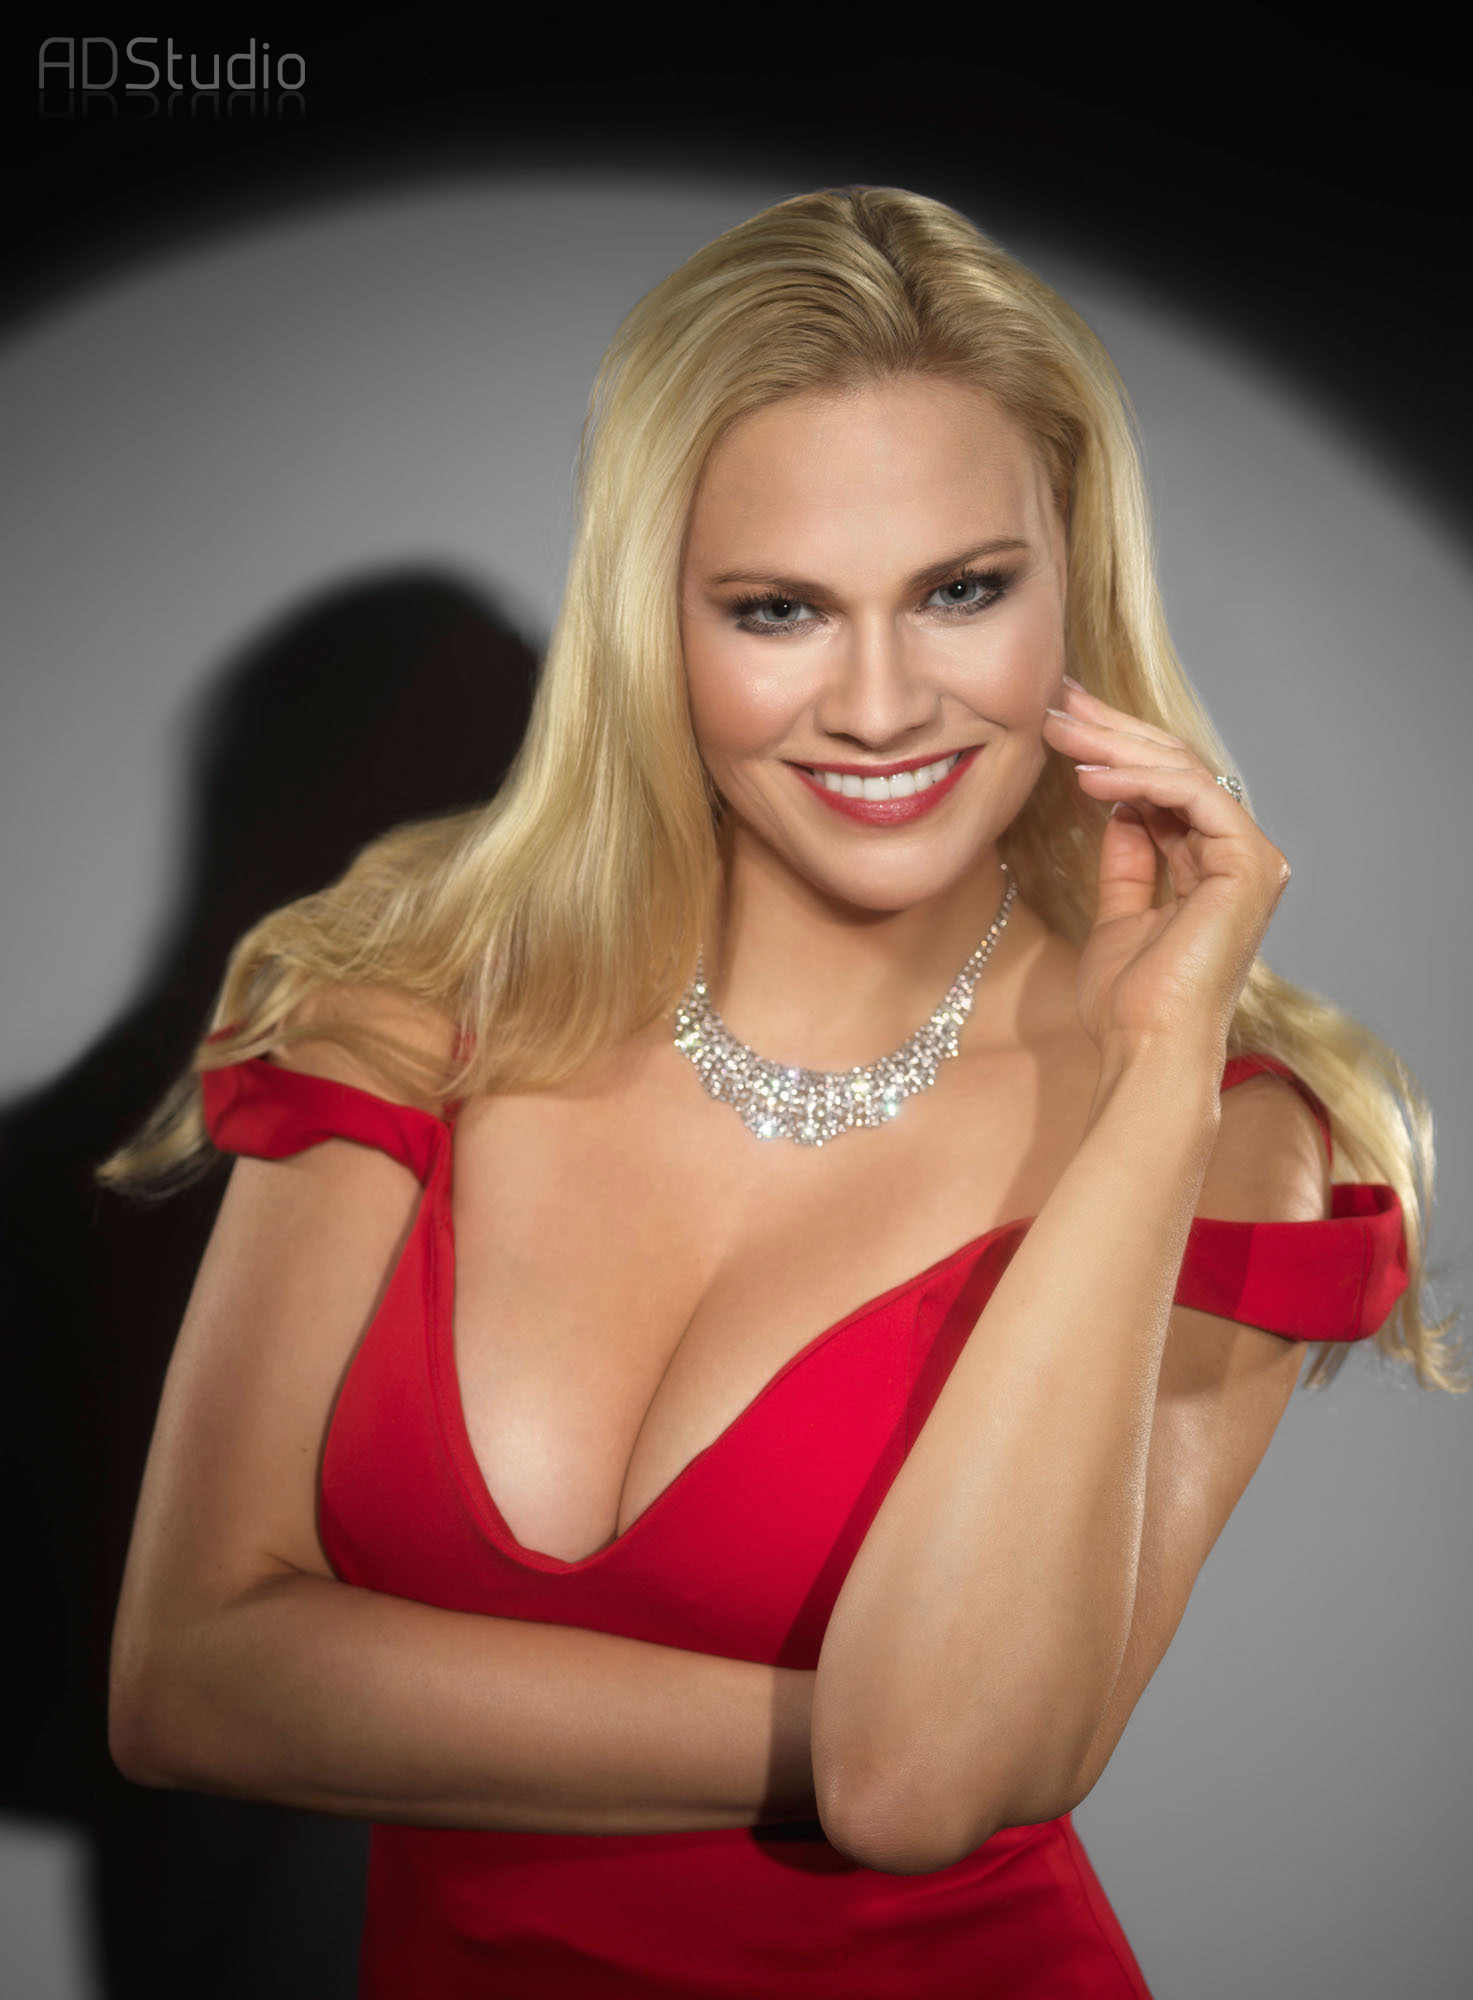 zdjęcie portretowe kobiety w czerwonej sukni wykonane w ADStudio Warszawa